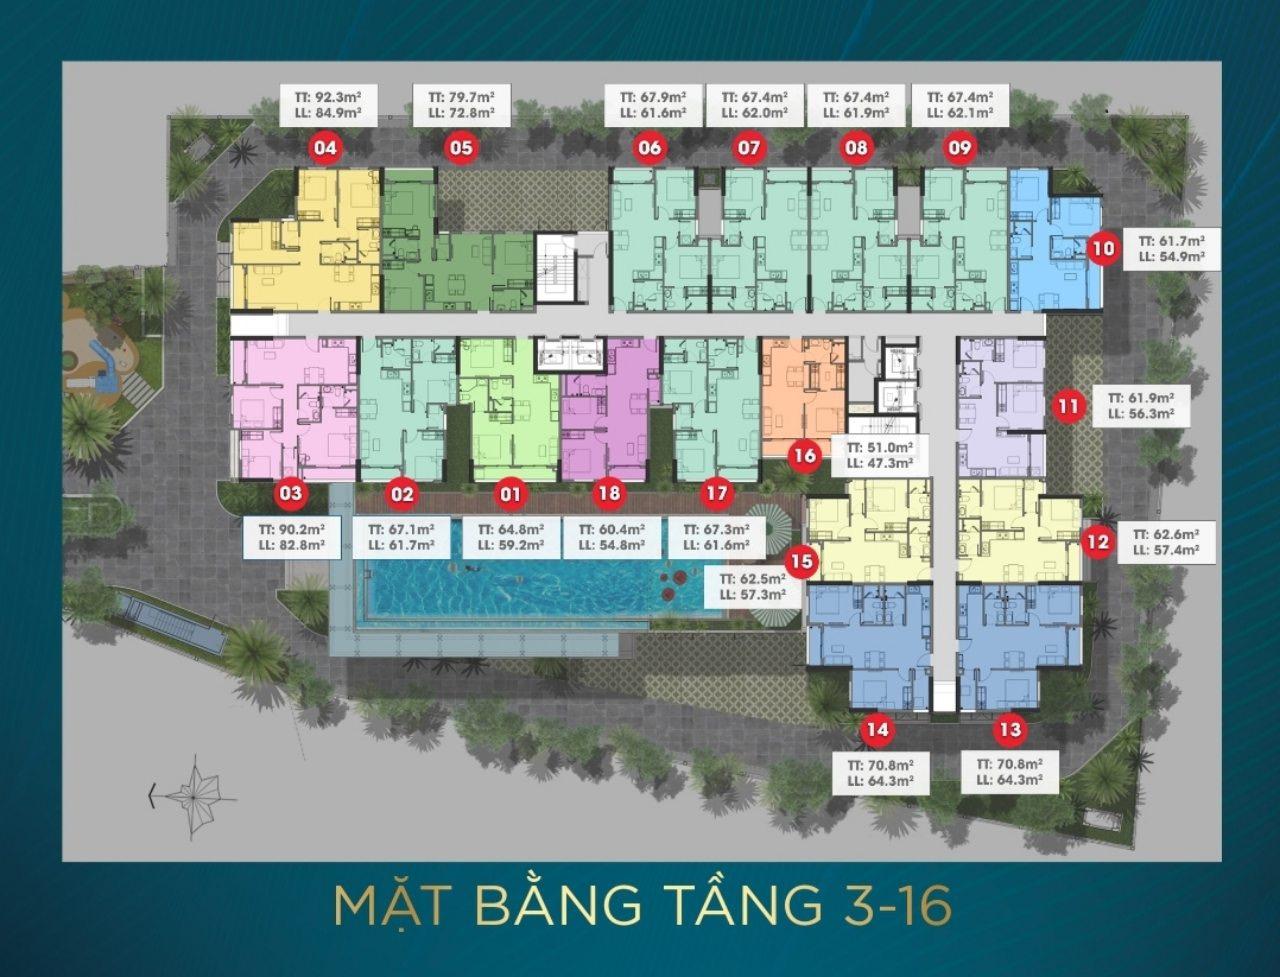 mat-bang-tang-dien-hinh-saigon-asiana-q6